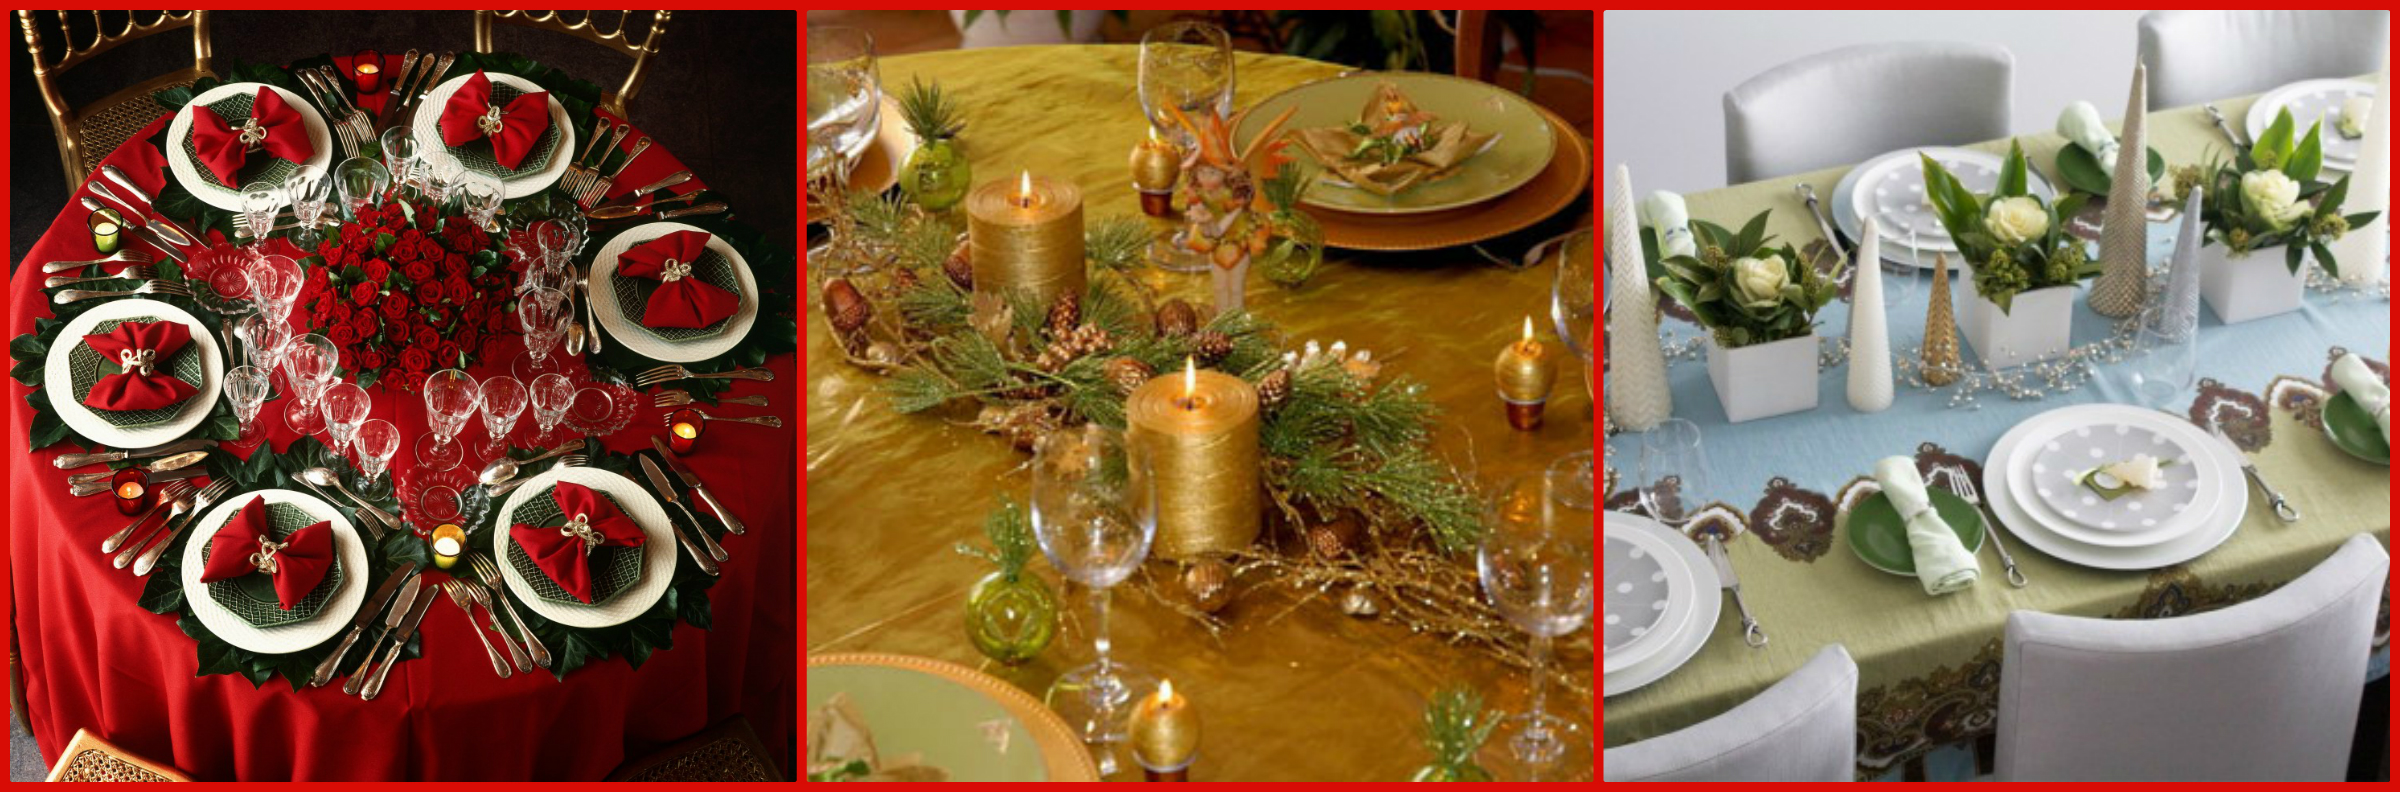 La tavola di natale idee e consigli per decorarla al meglio - Preparazione tavola di natale ...